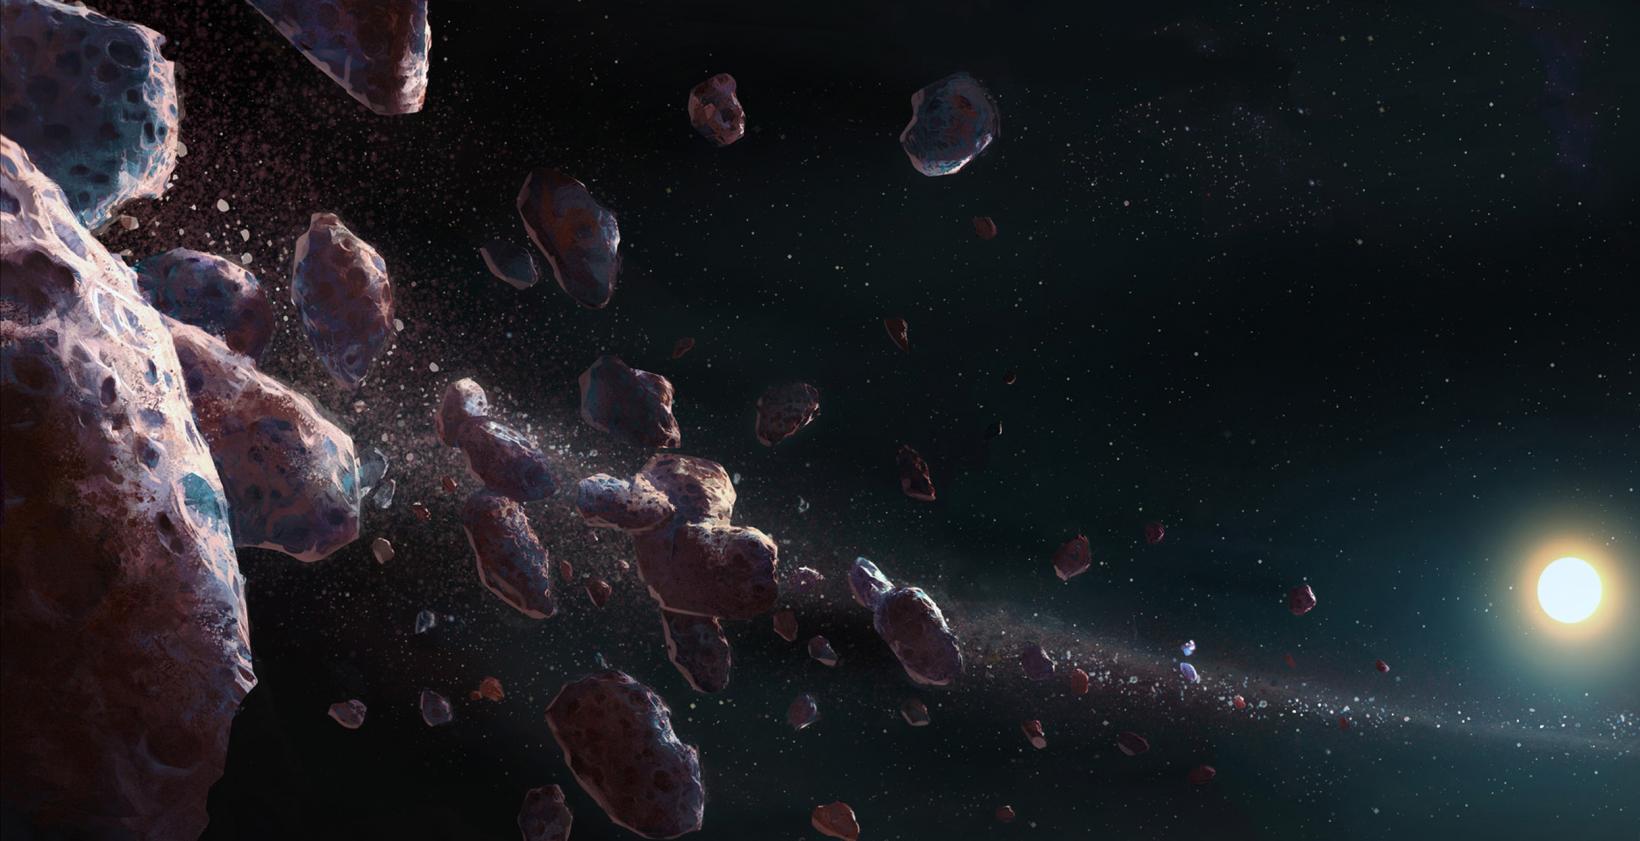 Мифологизированное представление опоясе астероидов